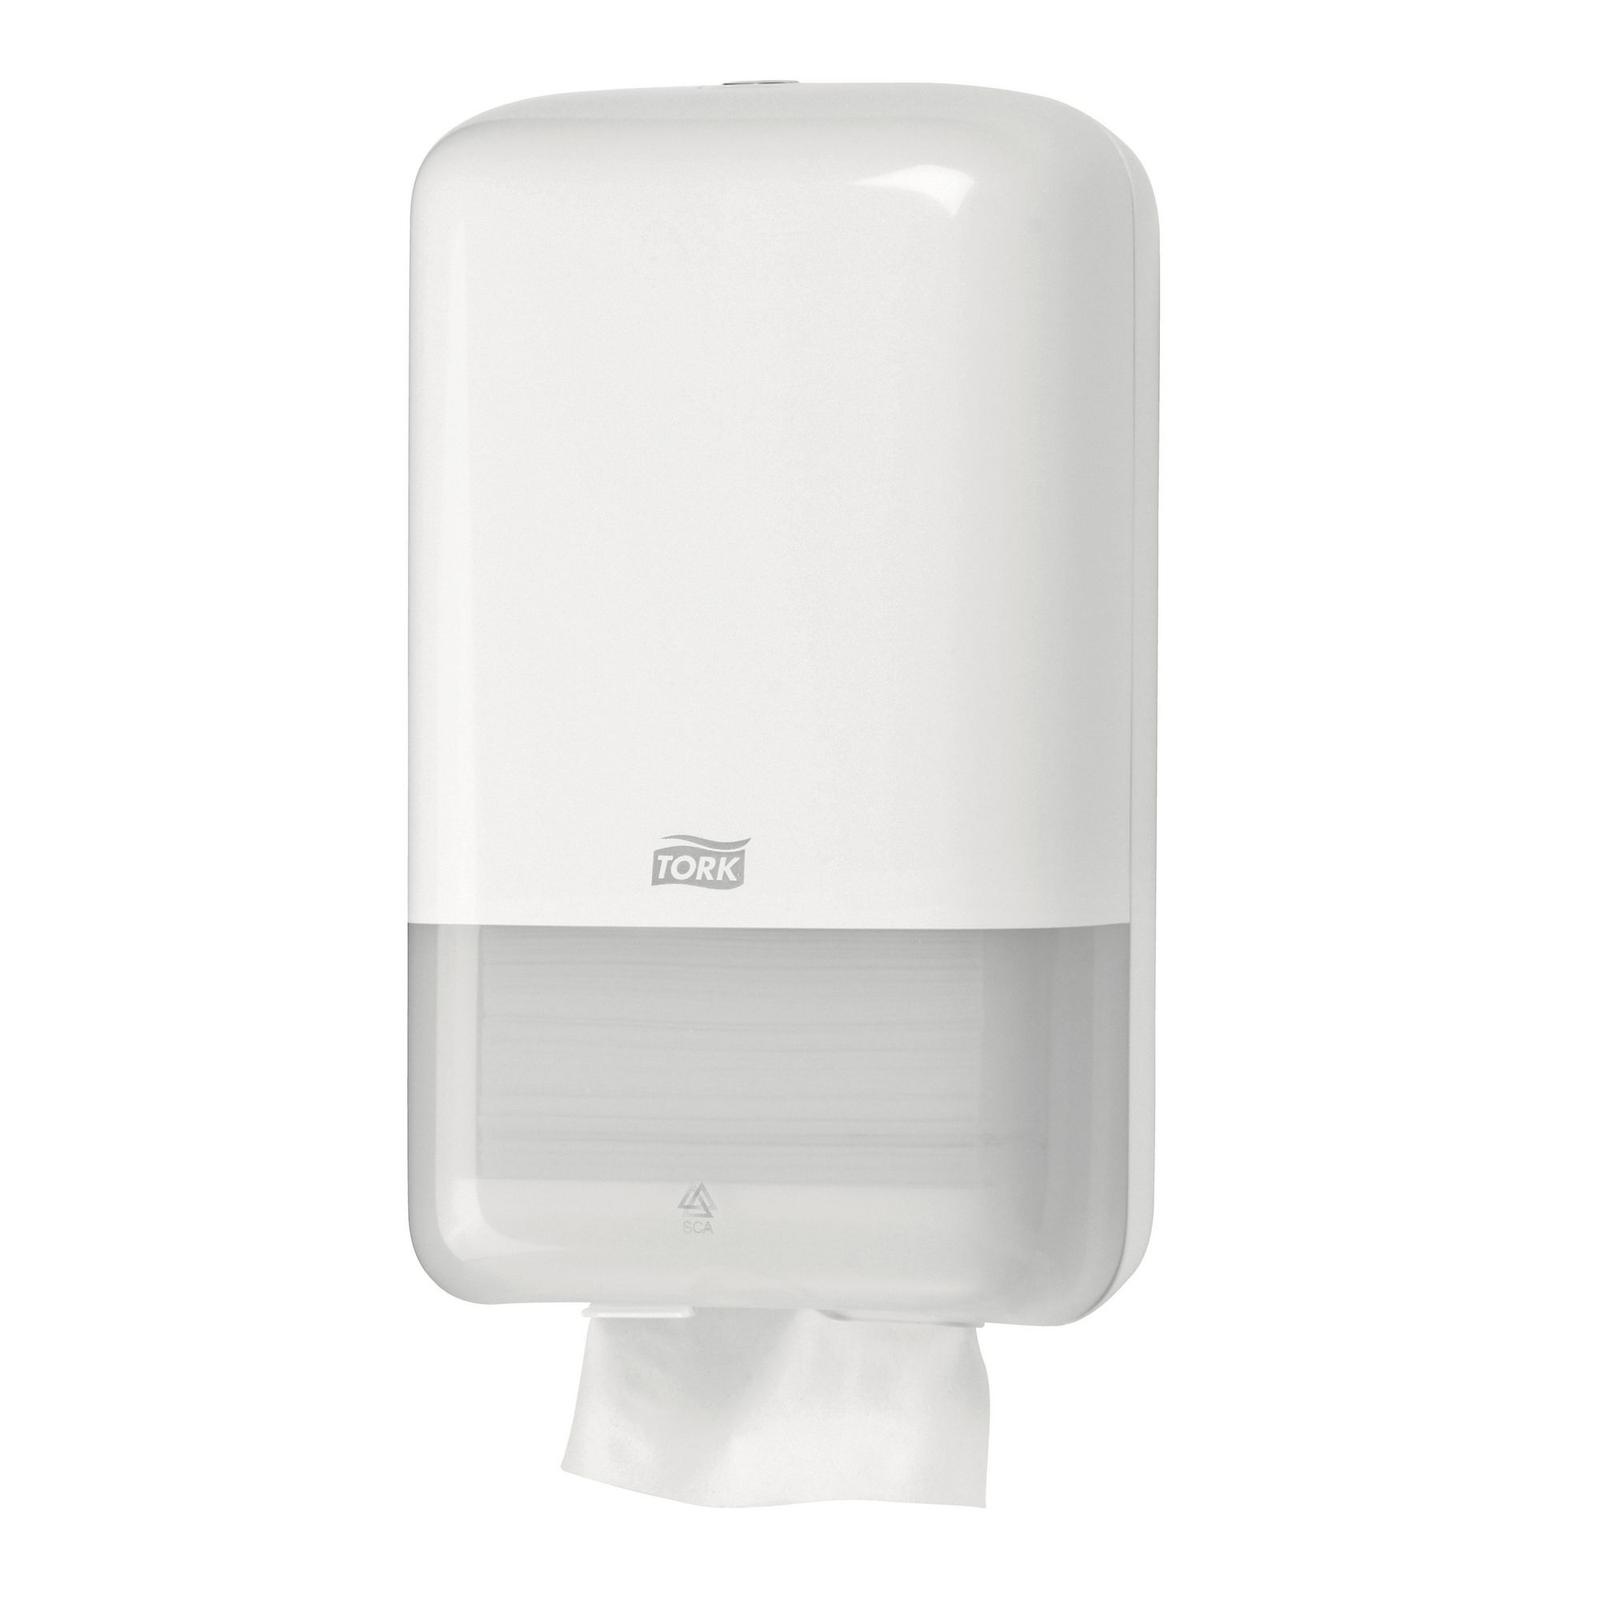 Folded Toilet Tissue Dispenser